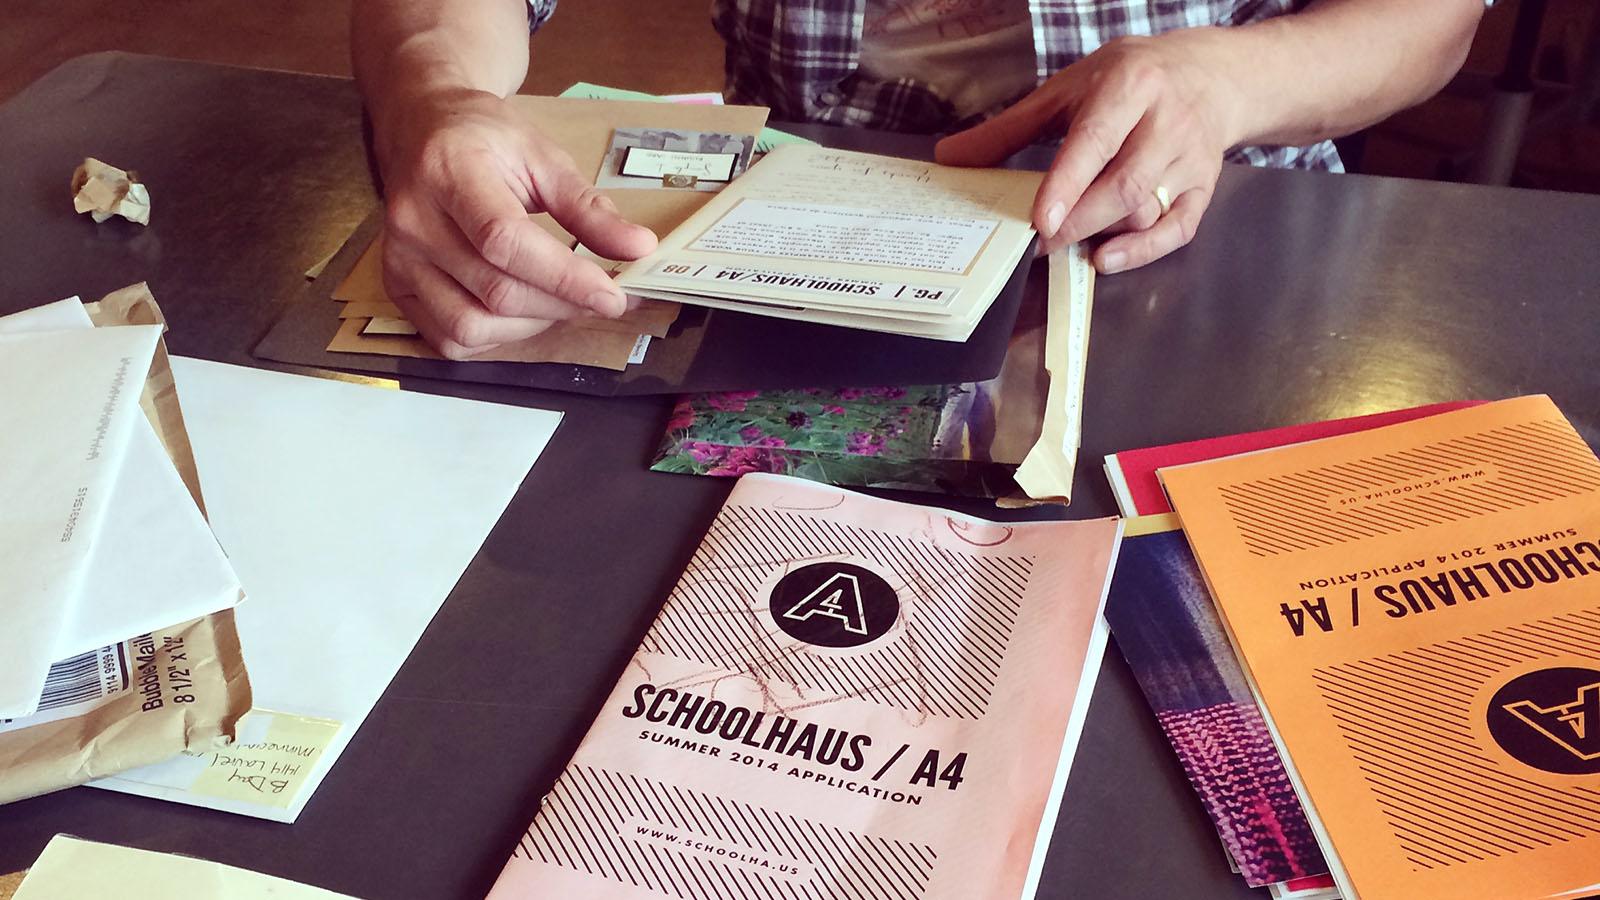 Schoolhaus-4.jpg